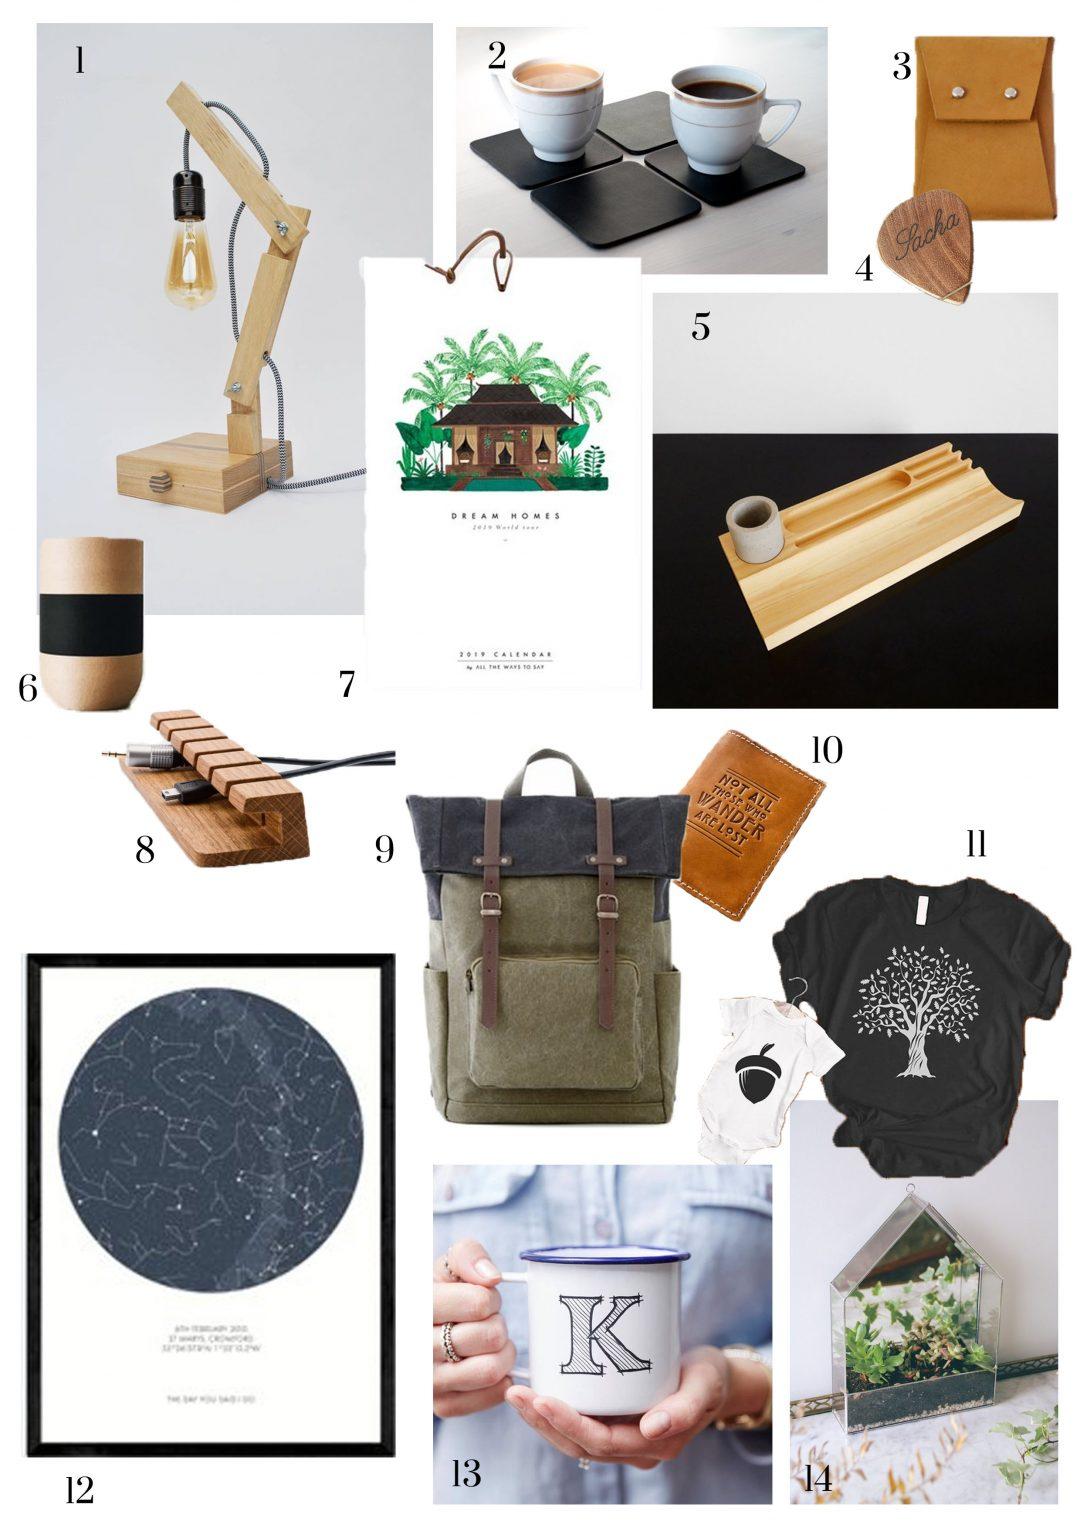 14 cadeaux de Noël originaux pour Lui sur Etsy   Home by Marie